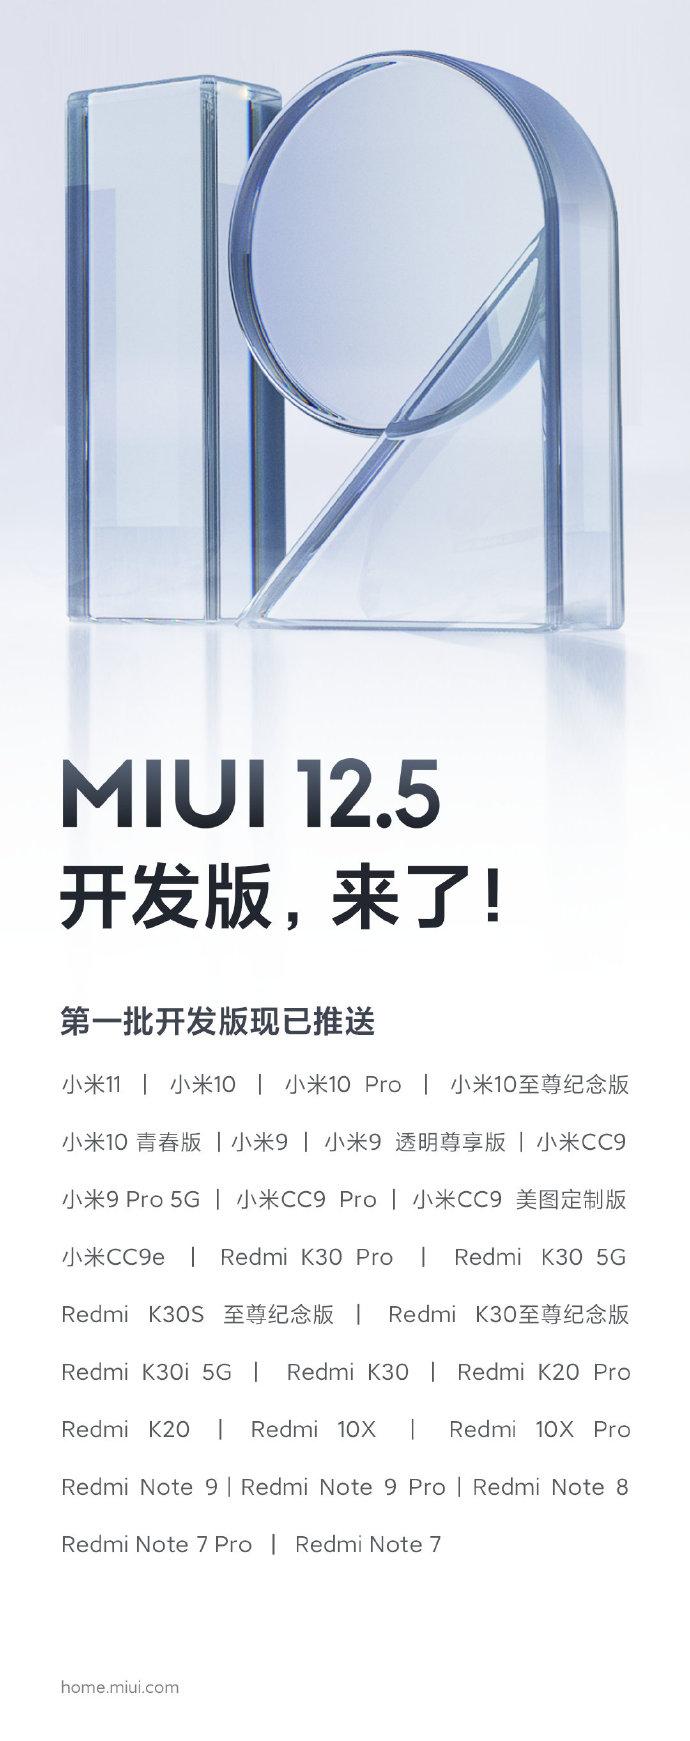 小米 MIUI 12.5哪些機型可以用